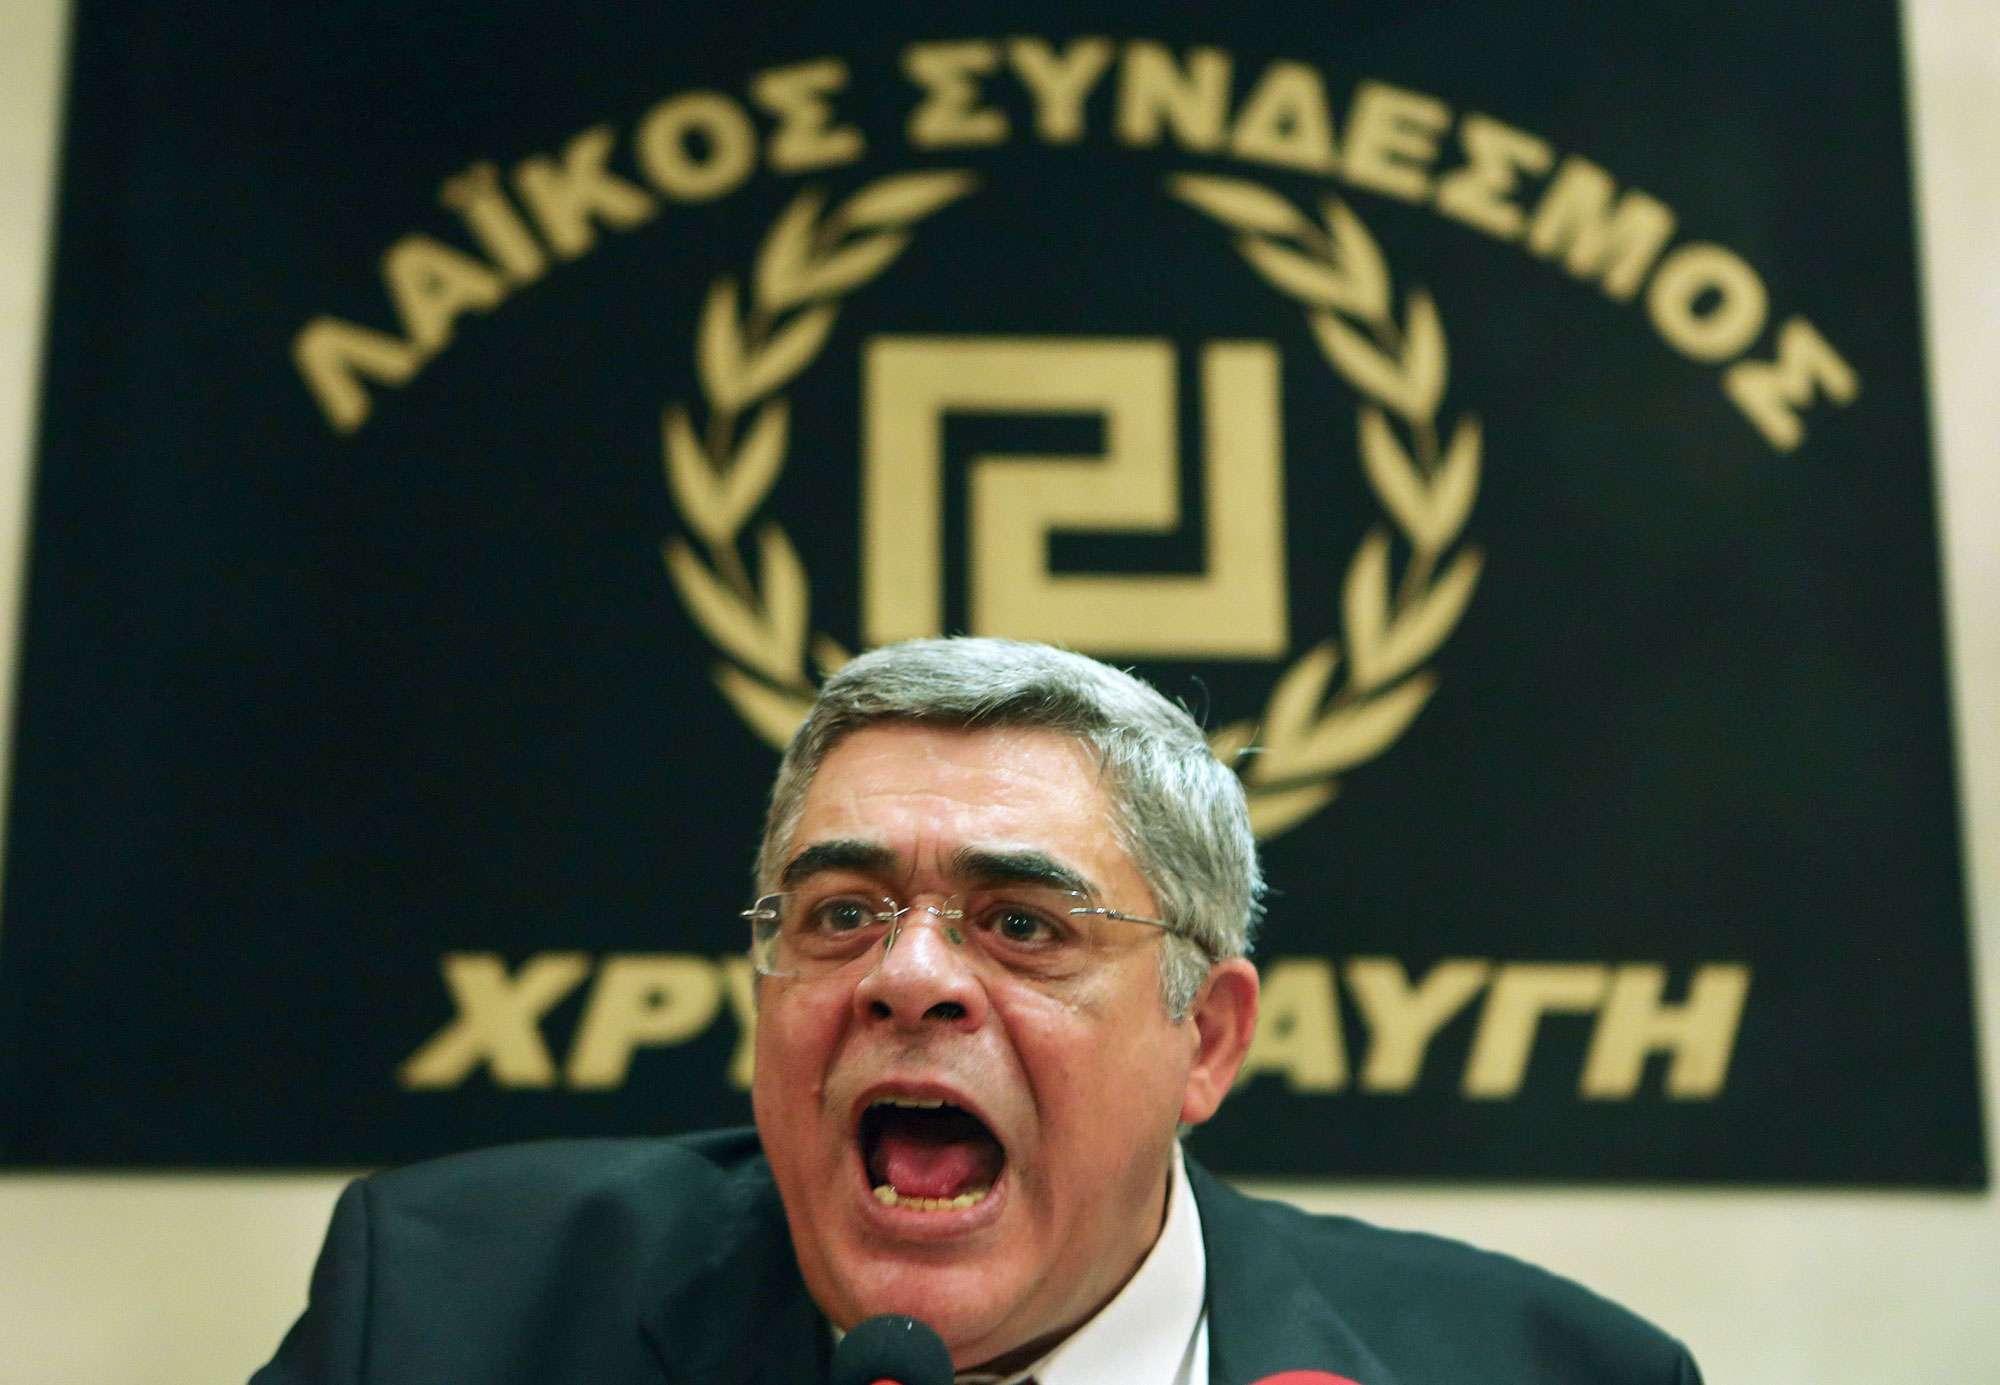 Συνελήφθη ο Νίκος Μιχαλολιάκος - Εντάλματα σύλληψης και για άλλους βουλευτές της Χ.Α.